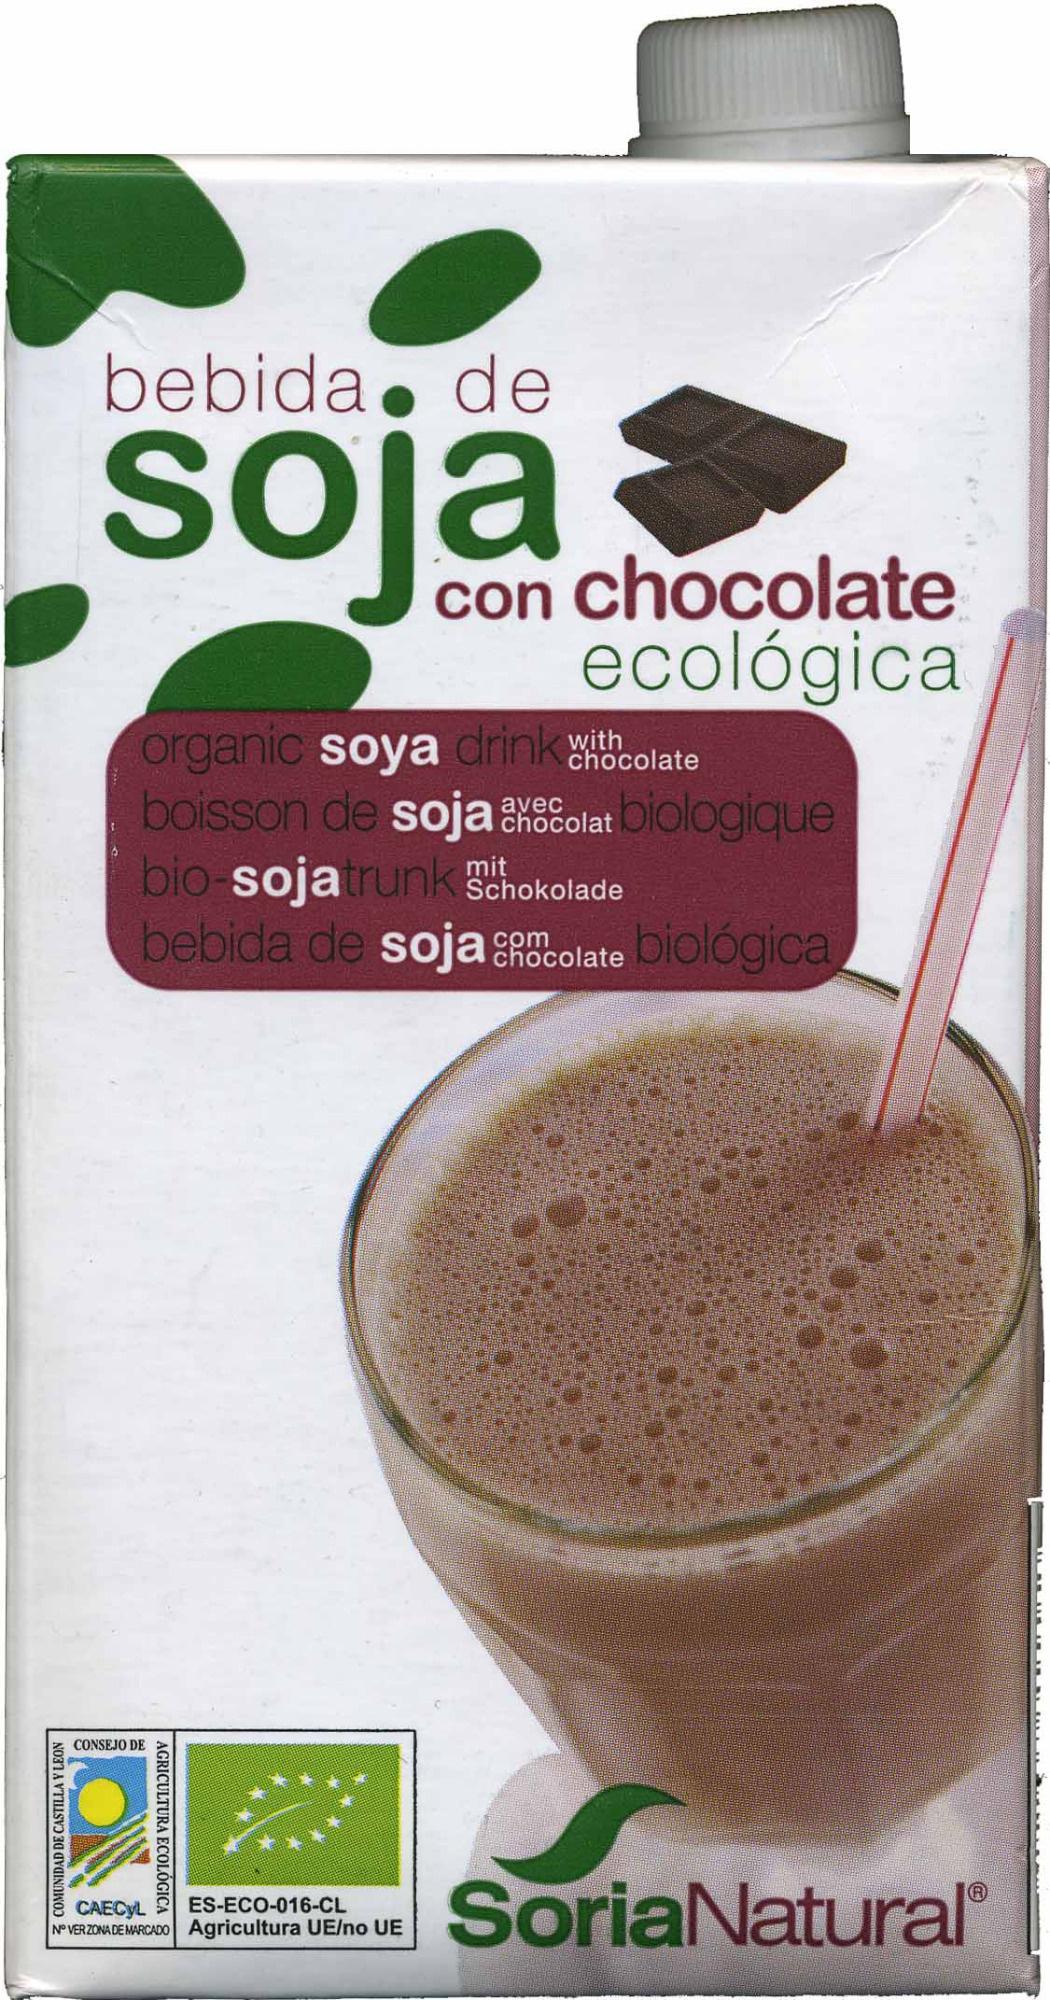 """Bebida de soja ecológica """"Soria Natural"""" con chocolate - Producte"""